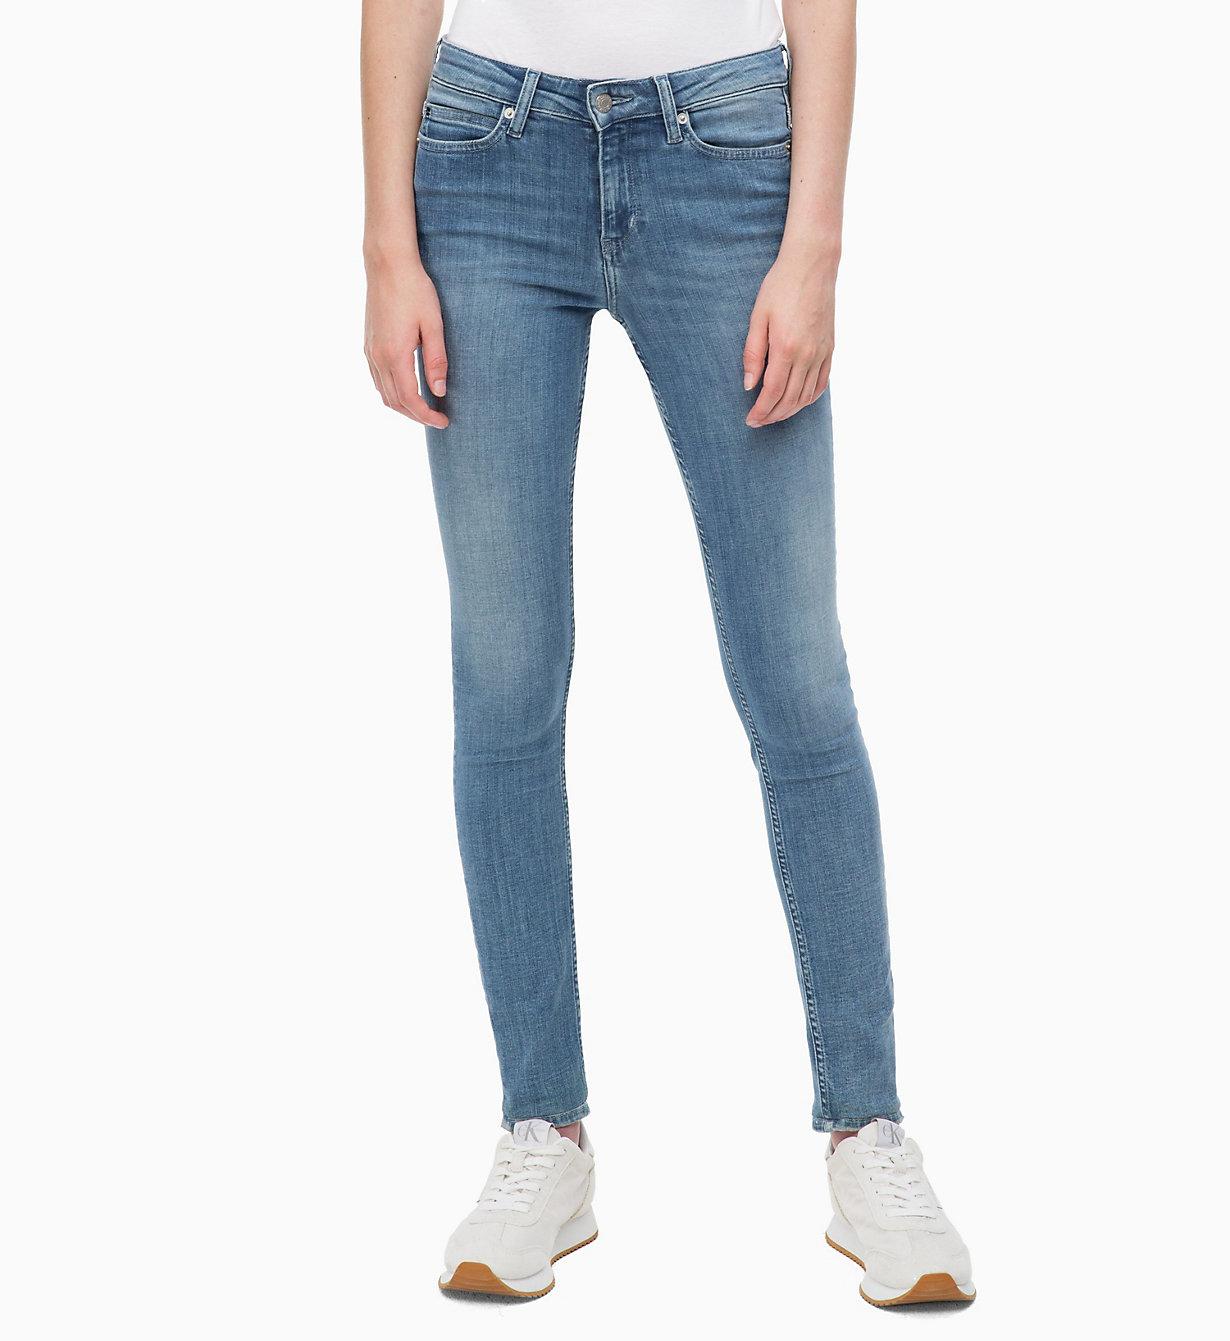 Skinny Ckj J20j208317911 Super Calvin 001 Jeans Klein® qxxRw68U1